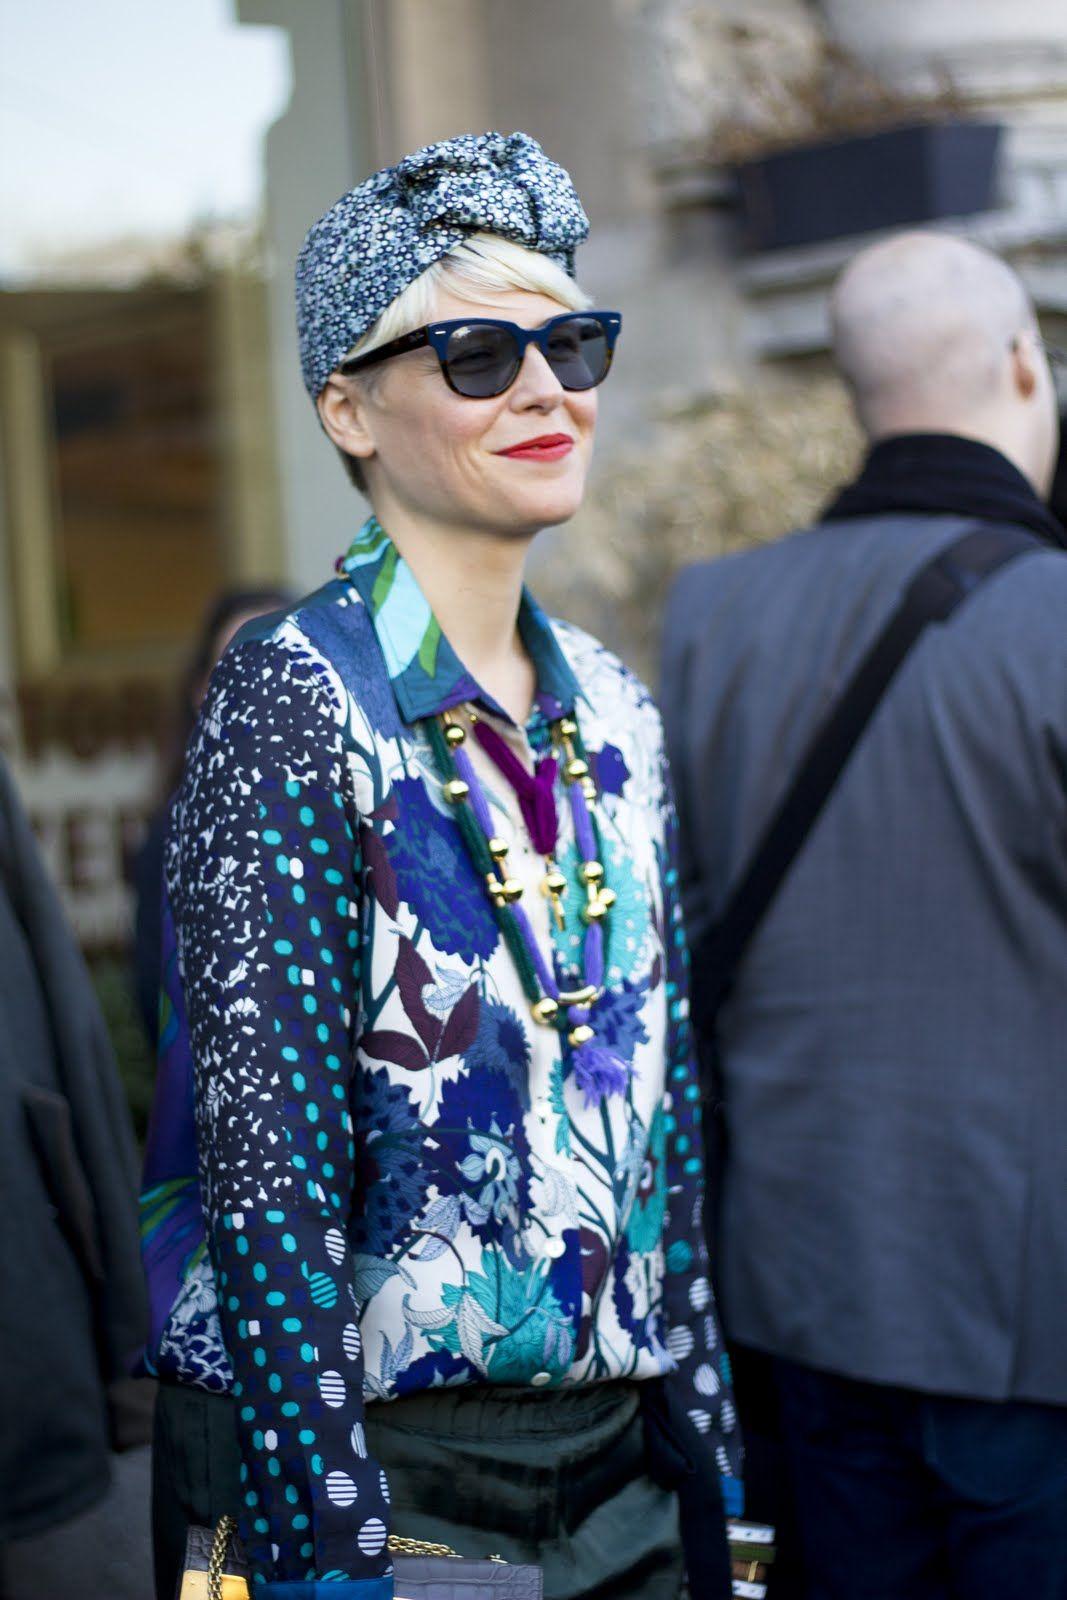 Turban Style, Fashion, Street Style